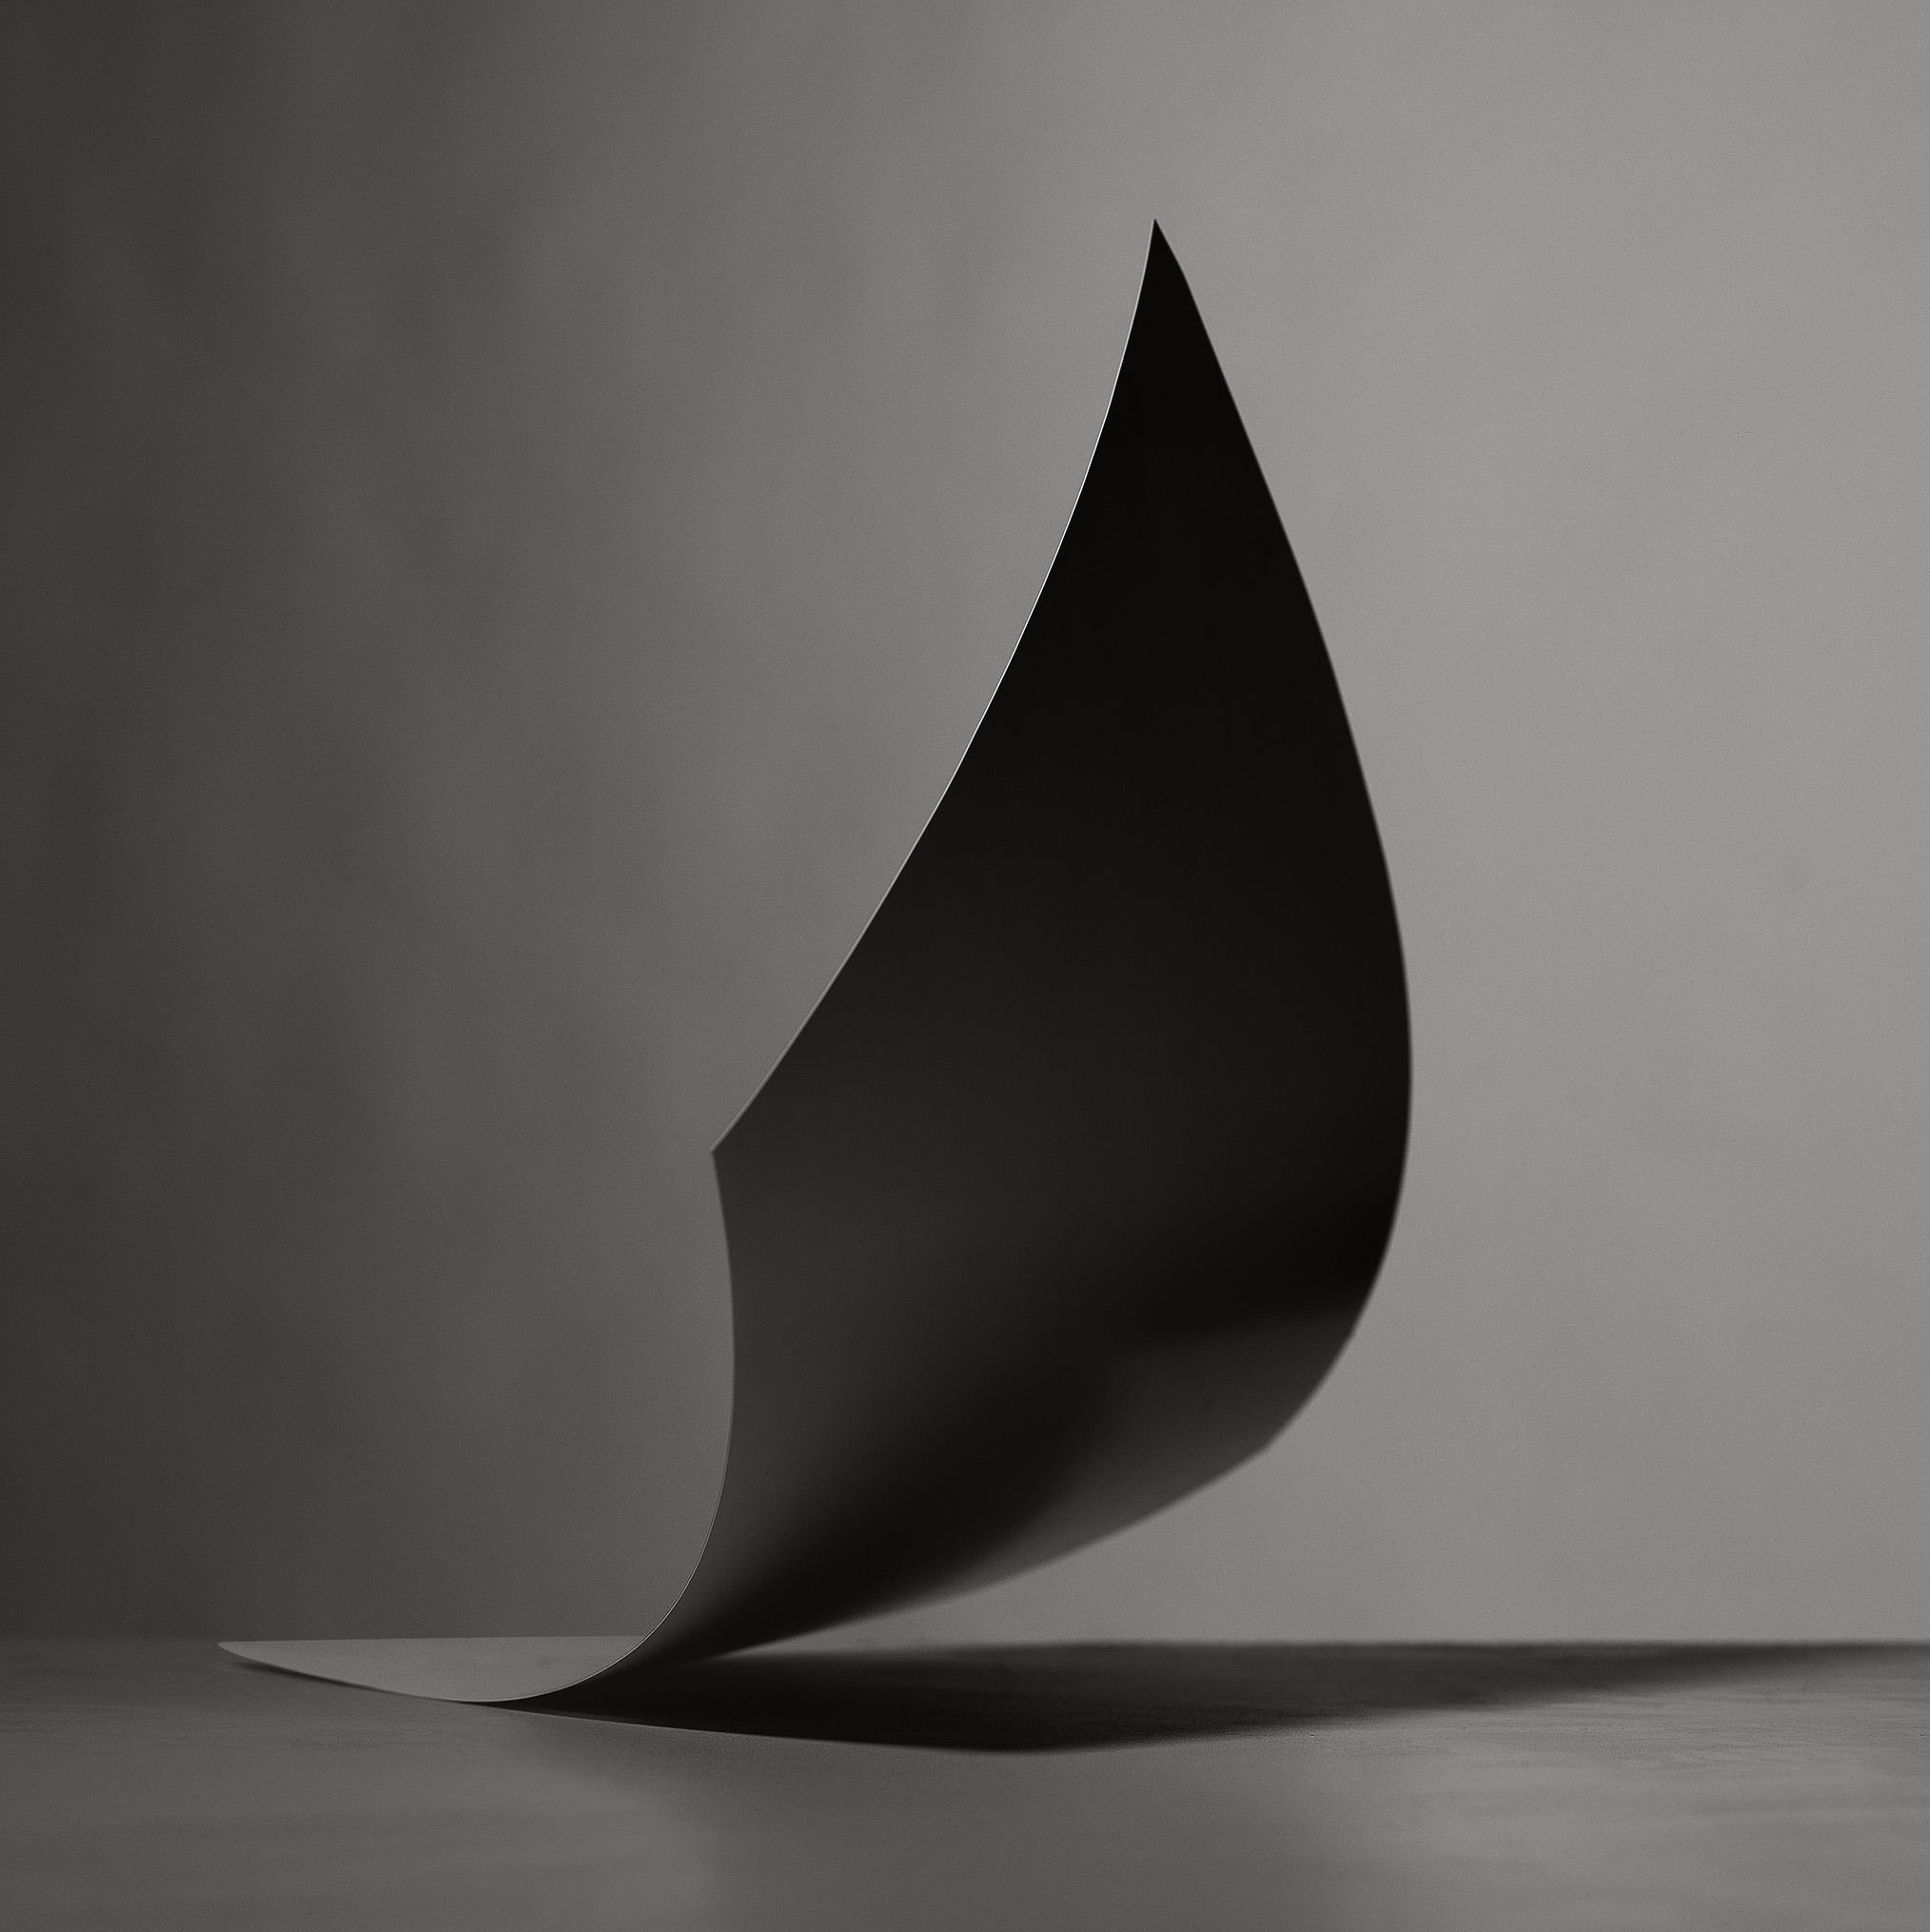 StillLifePhotographyPaperSculpture4.jpg